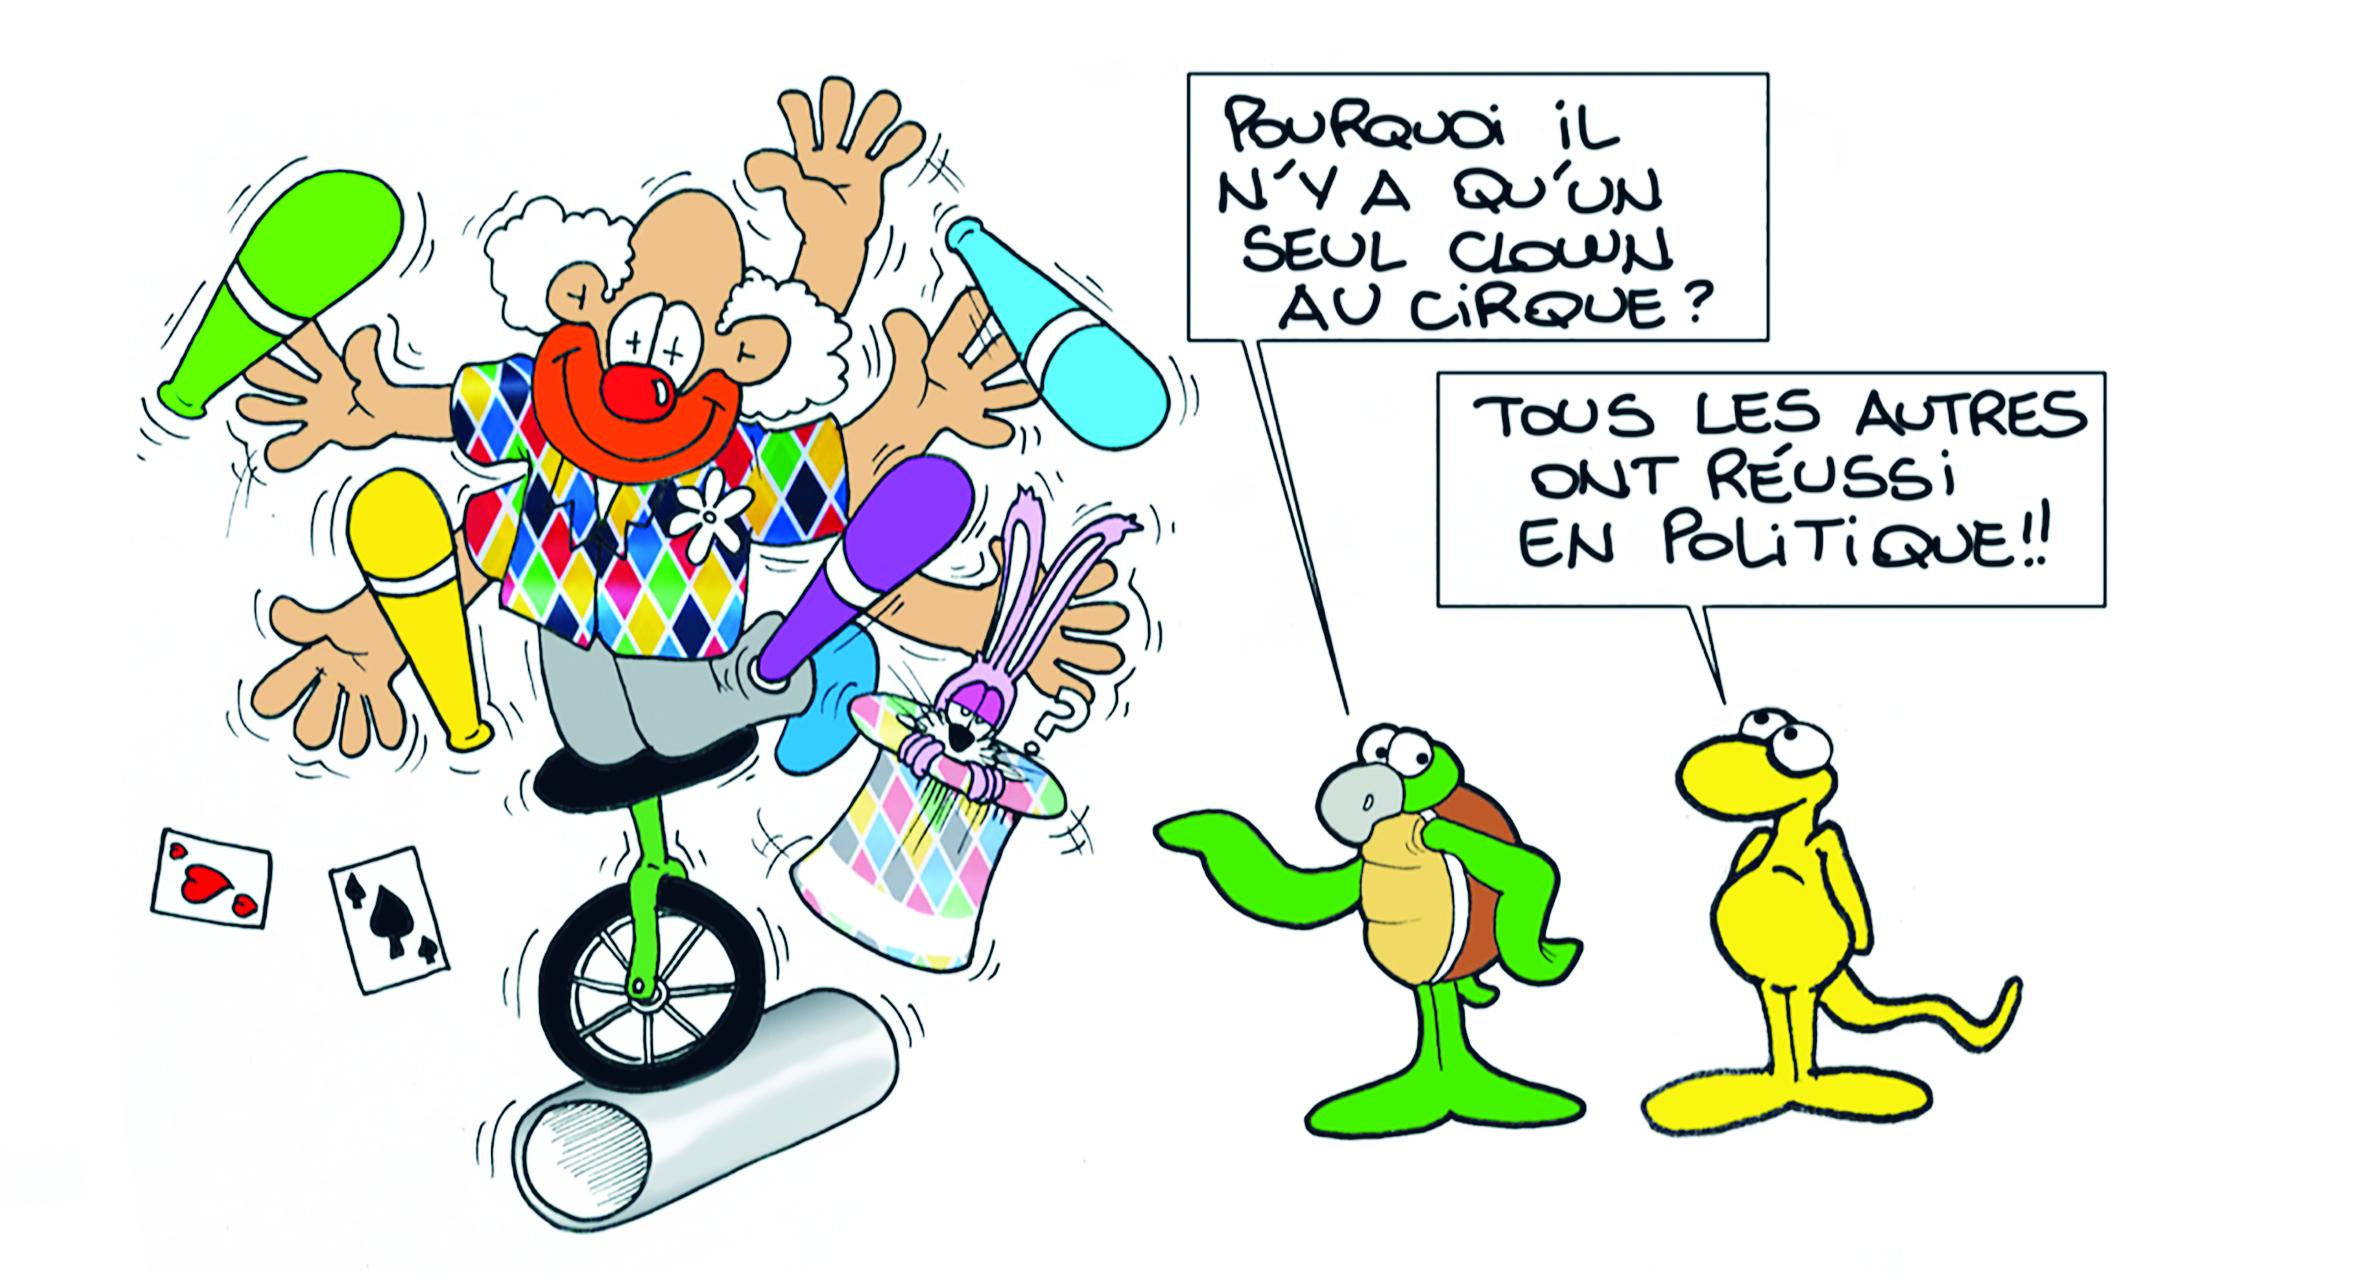 """"""" La politique et le cirque """" par Munoz"""